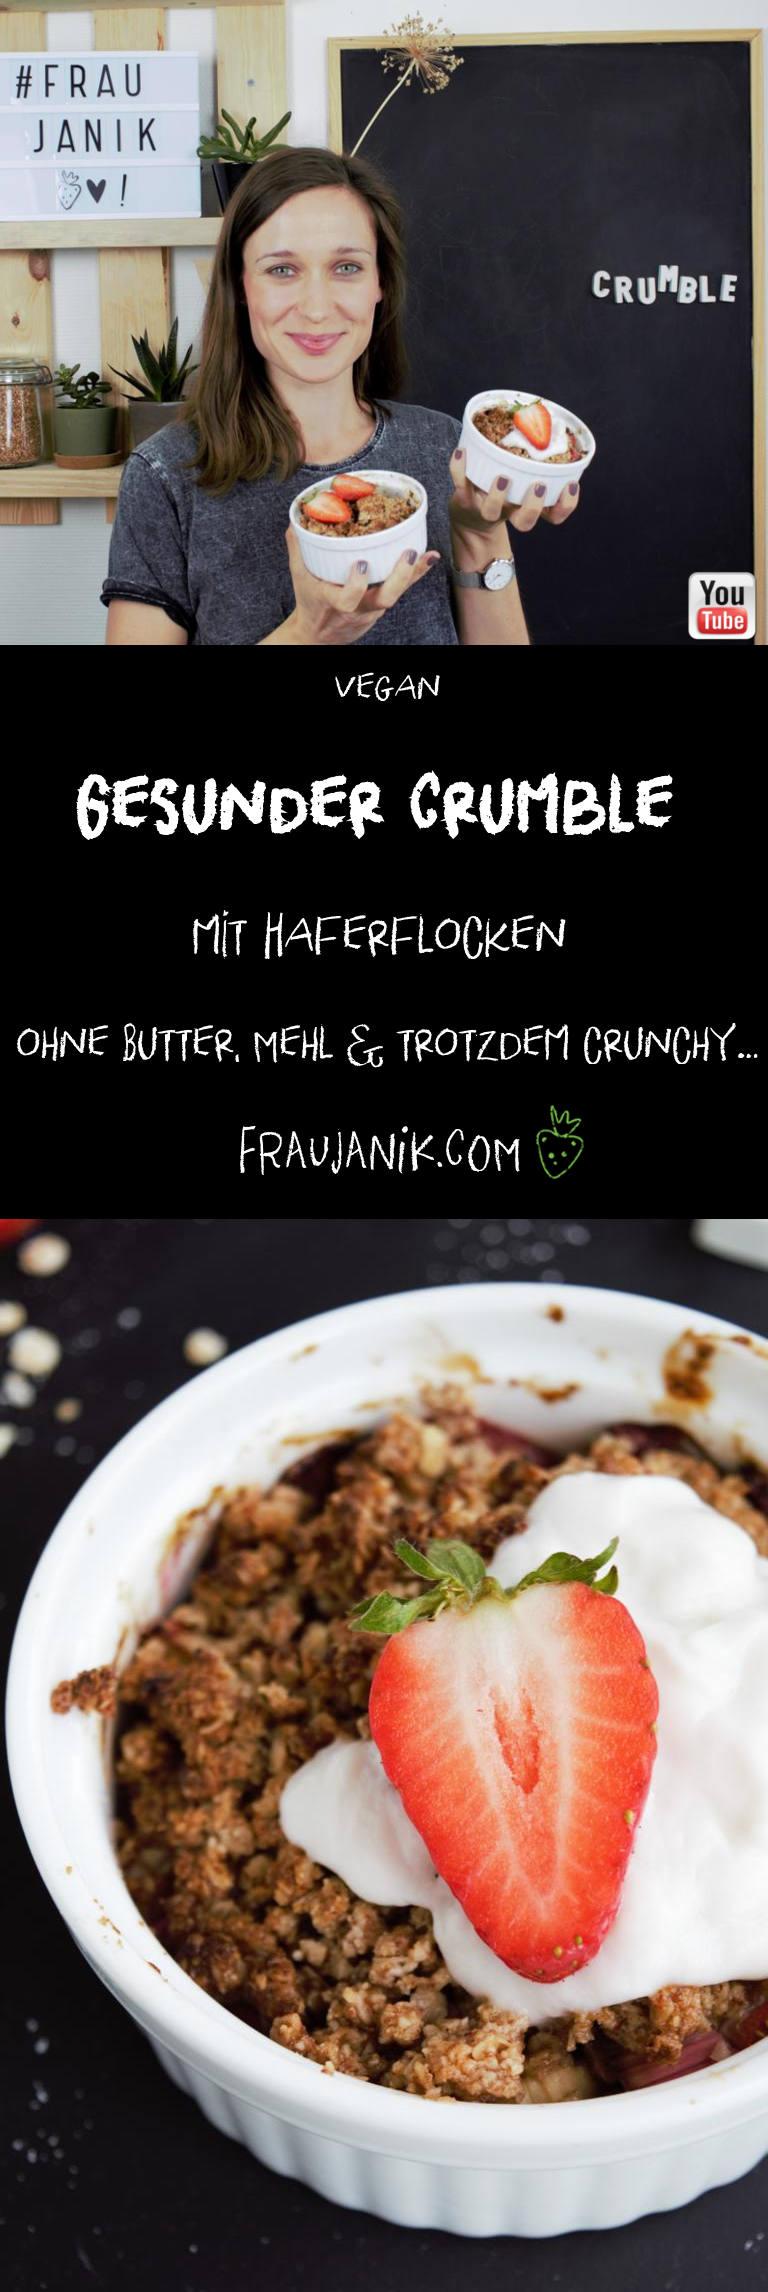 gesunder Crumble vegan Haferflocken